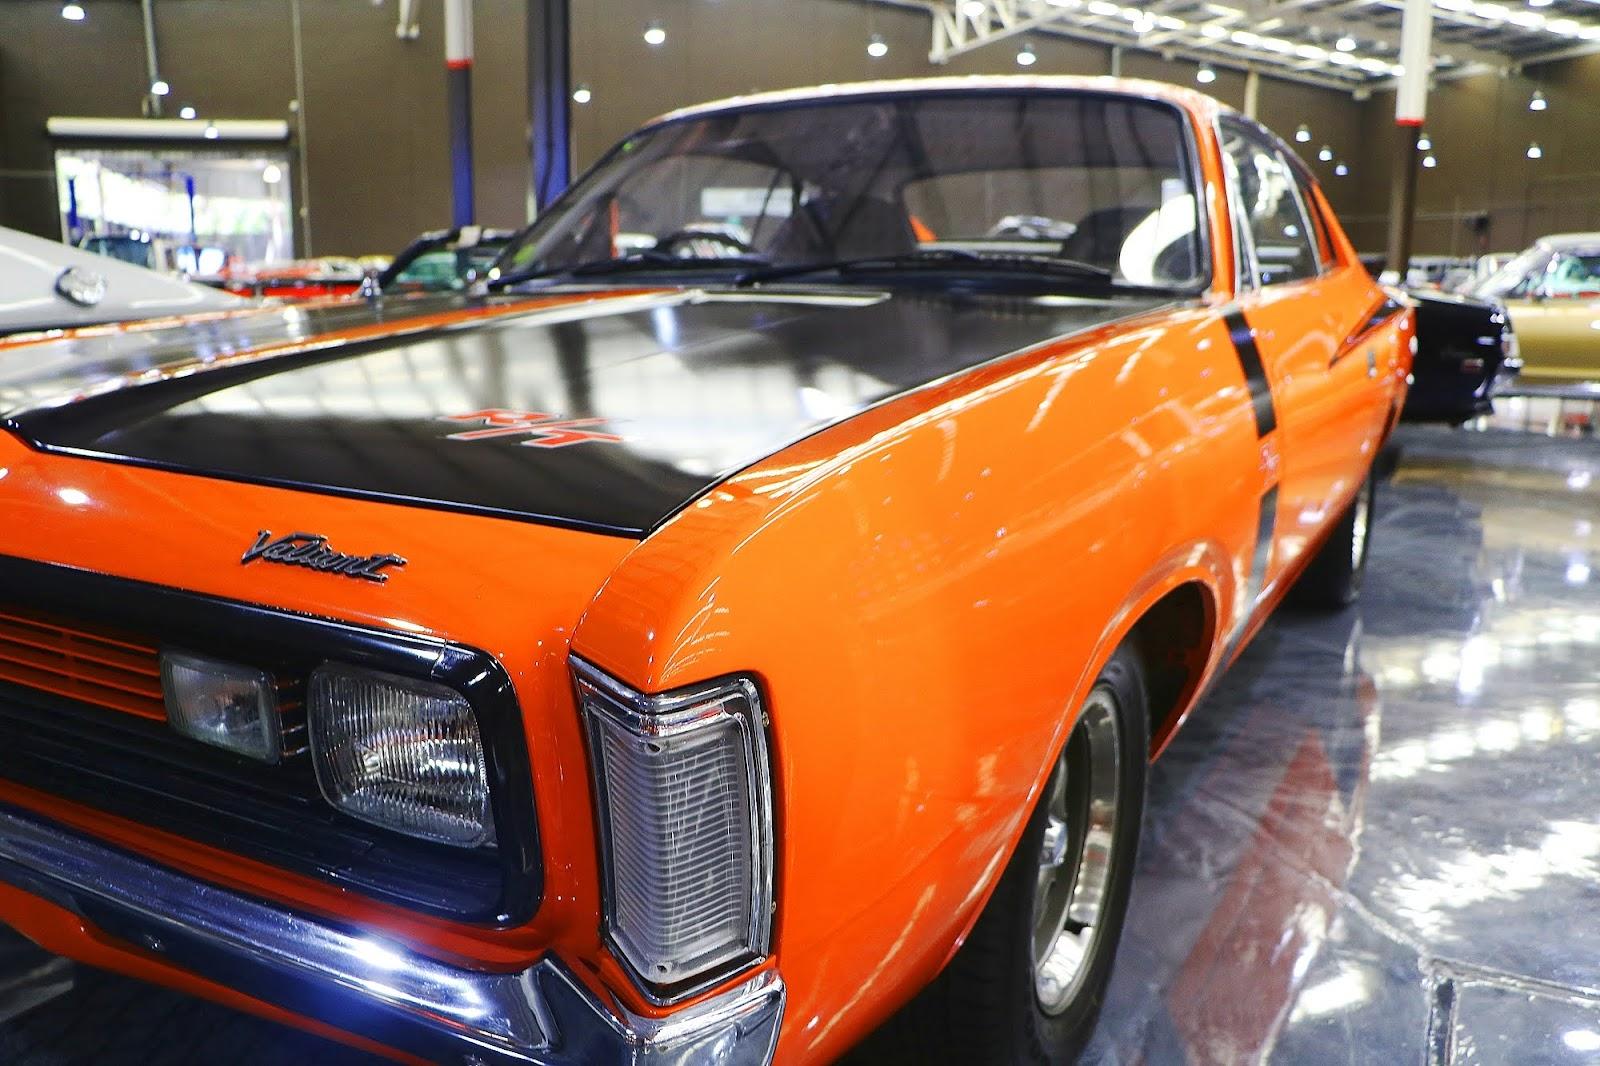 1972 Chrysler Charger RT (04).jpg